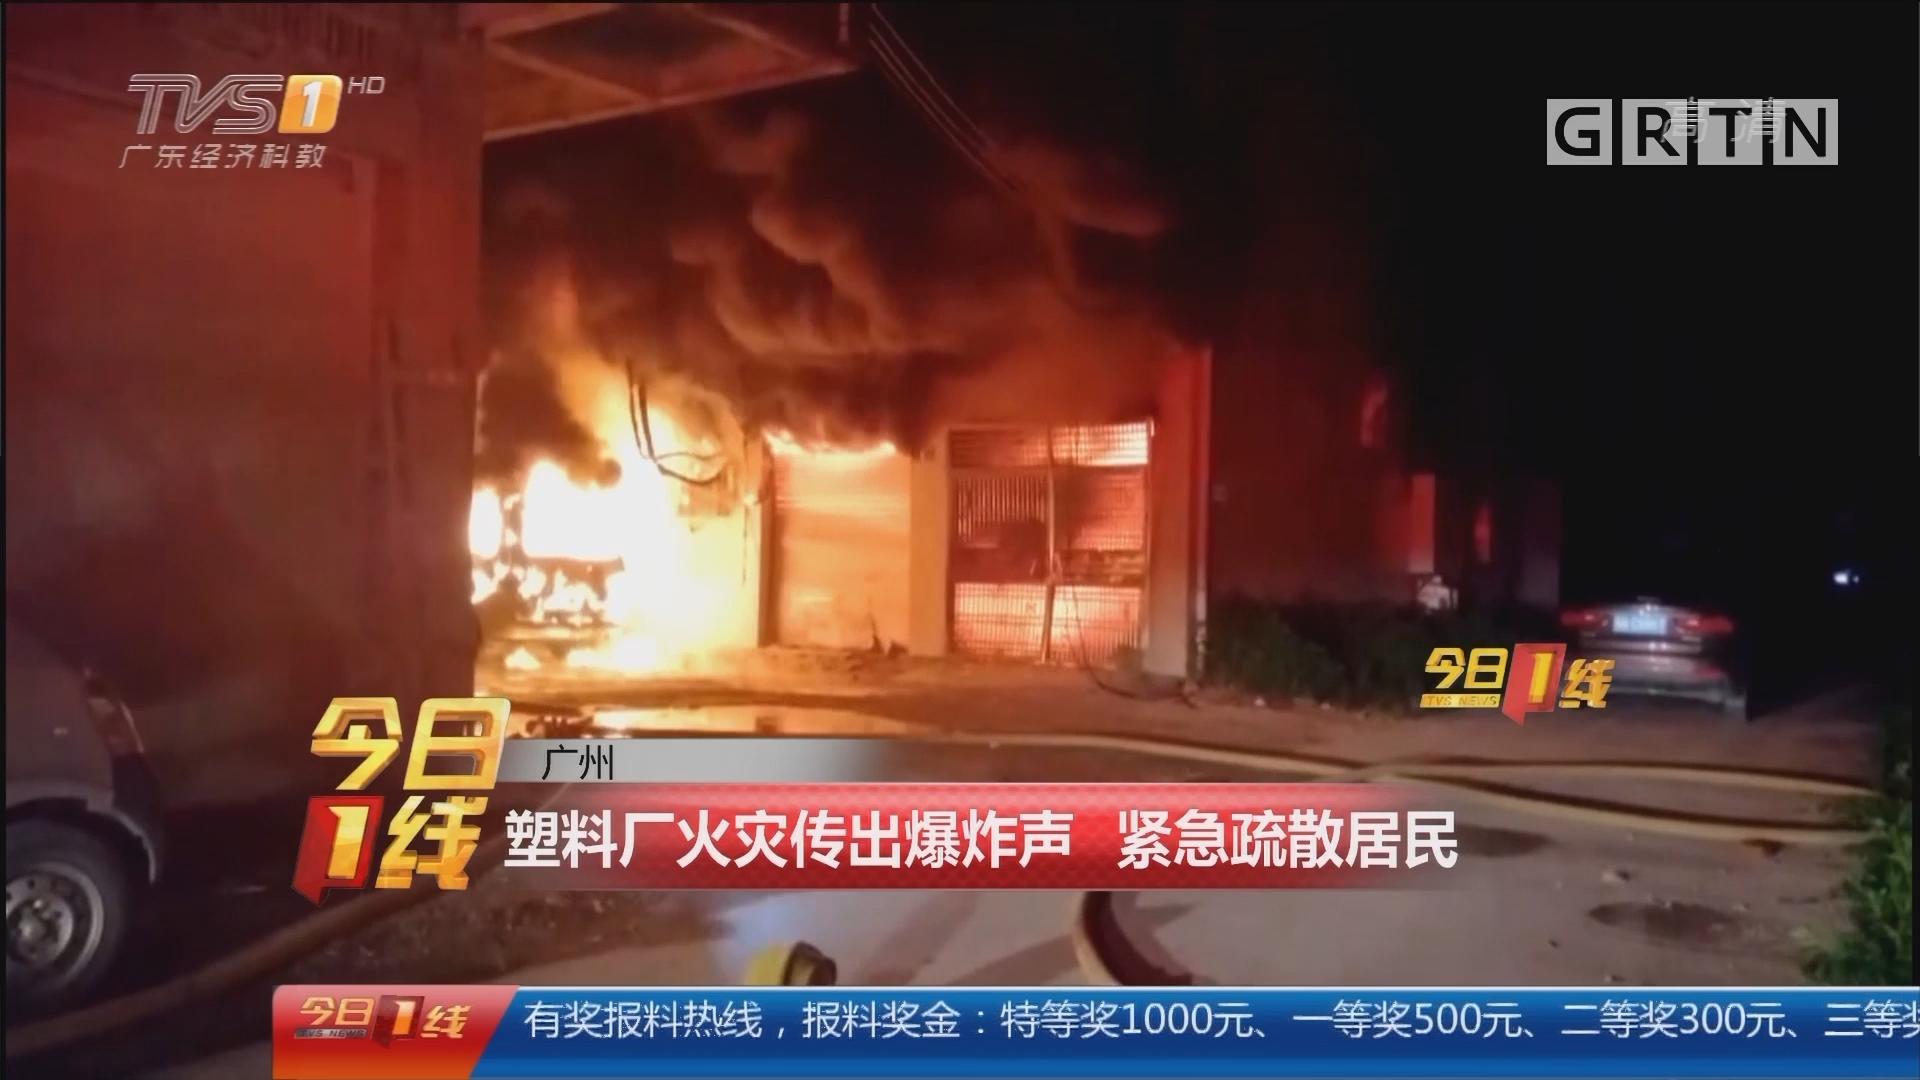 广州:塑料厂火灾传出爆炸声 紧急疏散居民